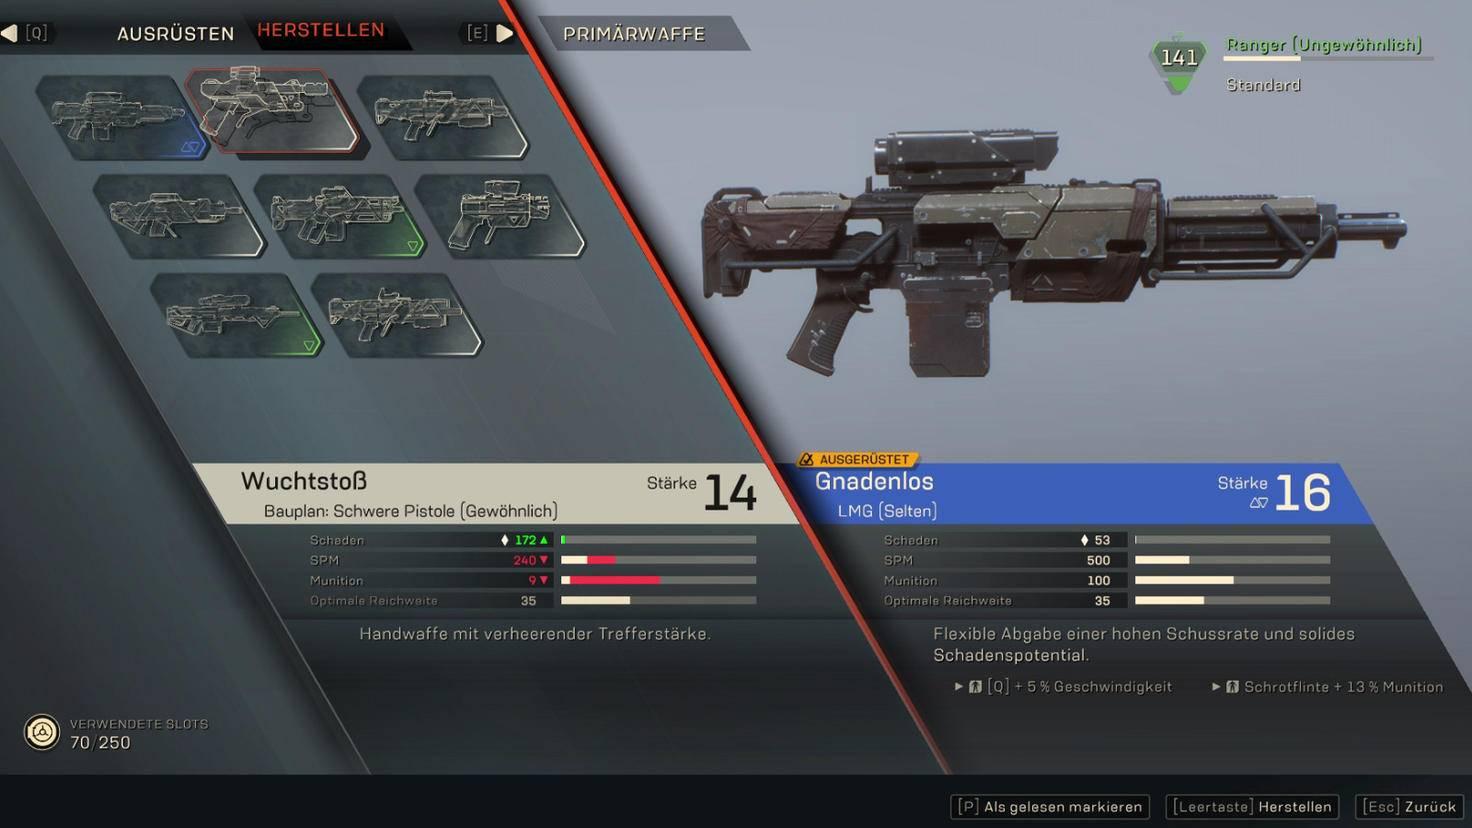 """Waffen in """"Anthem"""" sind sich zu ähnlich, die Kennzeichnungen von Item-Fähigkeiten zu uneinheitlich und schlecht erklärt."""